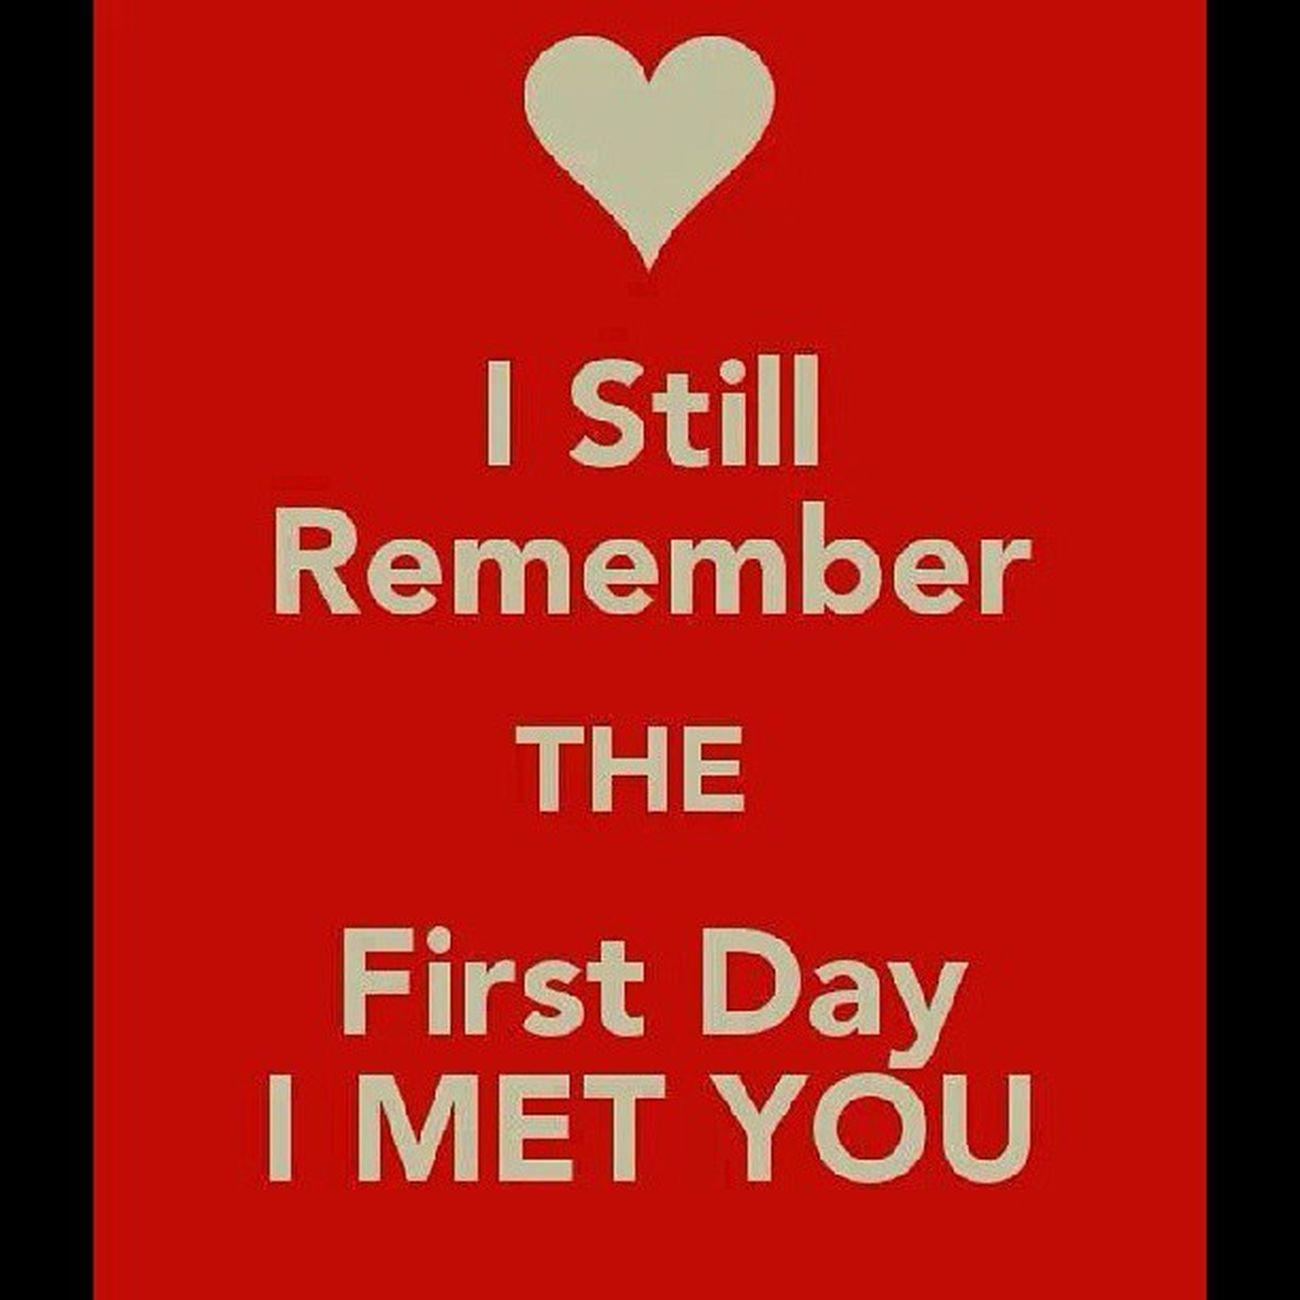 Sentiasa dalam ingatan. IStillRememberTheFirstDayIMetYou